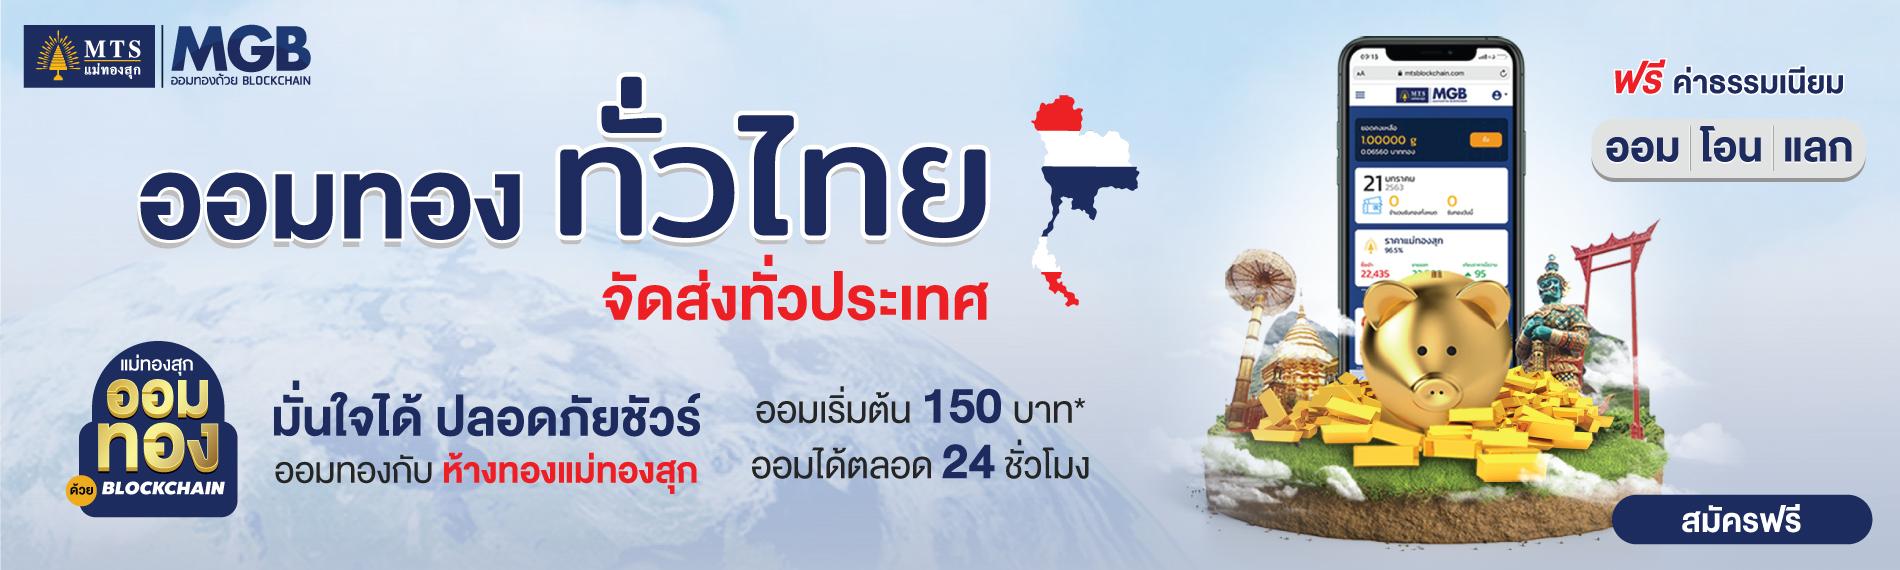 ออมทองทั่วไทย จัดส่งทั่วประเทศ